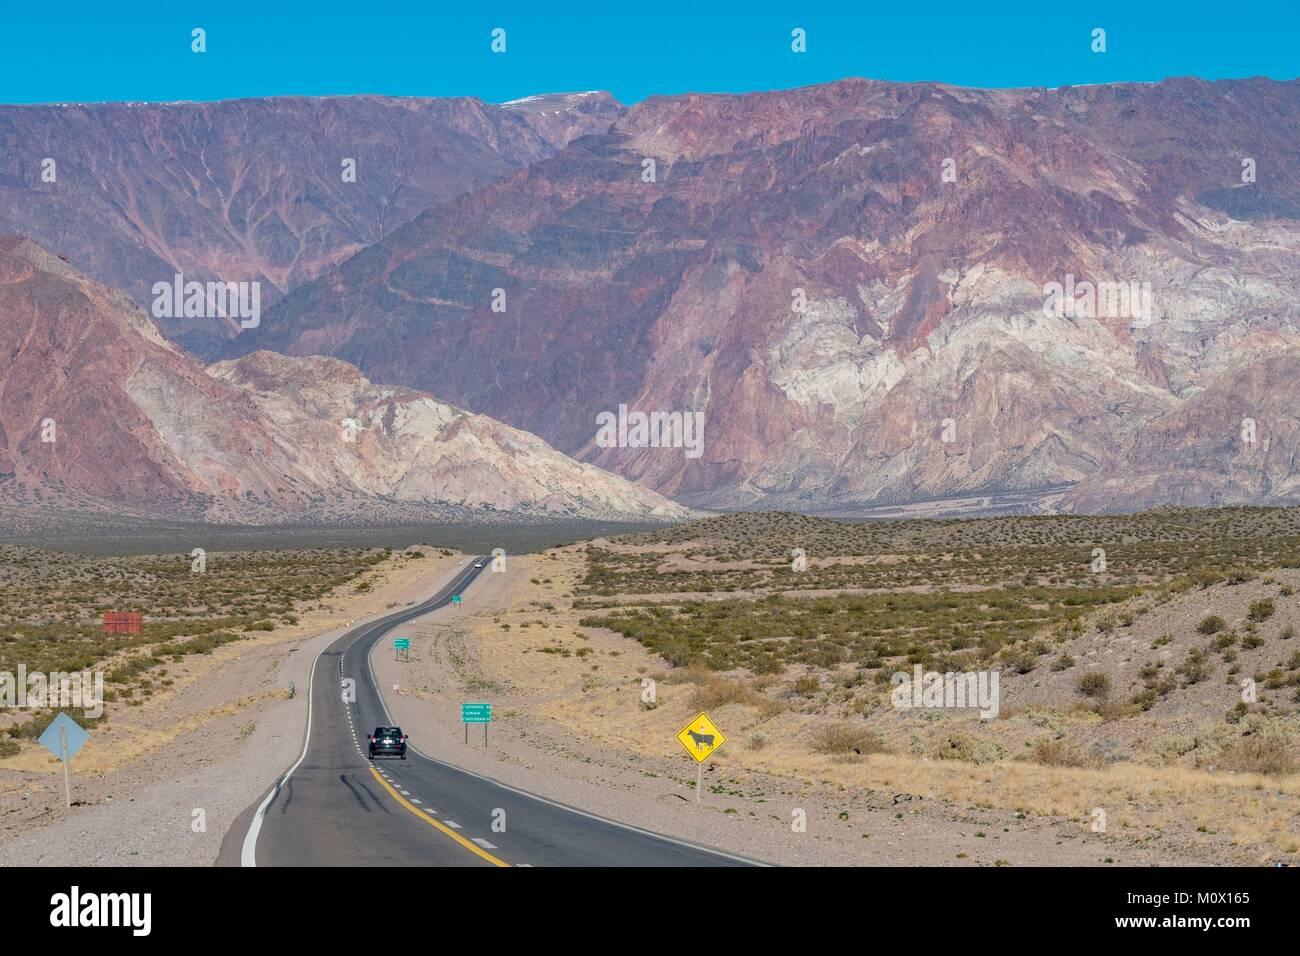 Argentinien, Mendoza, Provinz, Polvaredas, RN 7 Straße zur chilenischen Grenze Stockbild